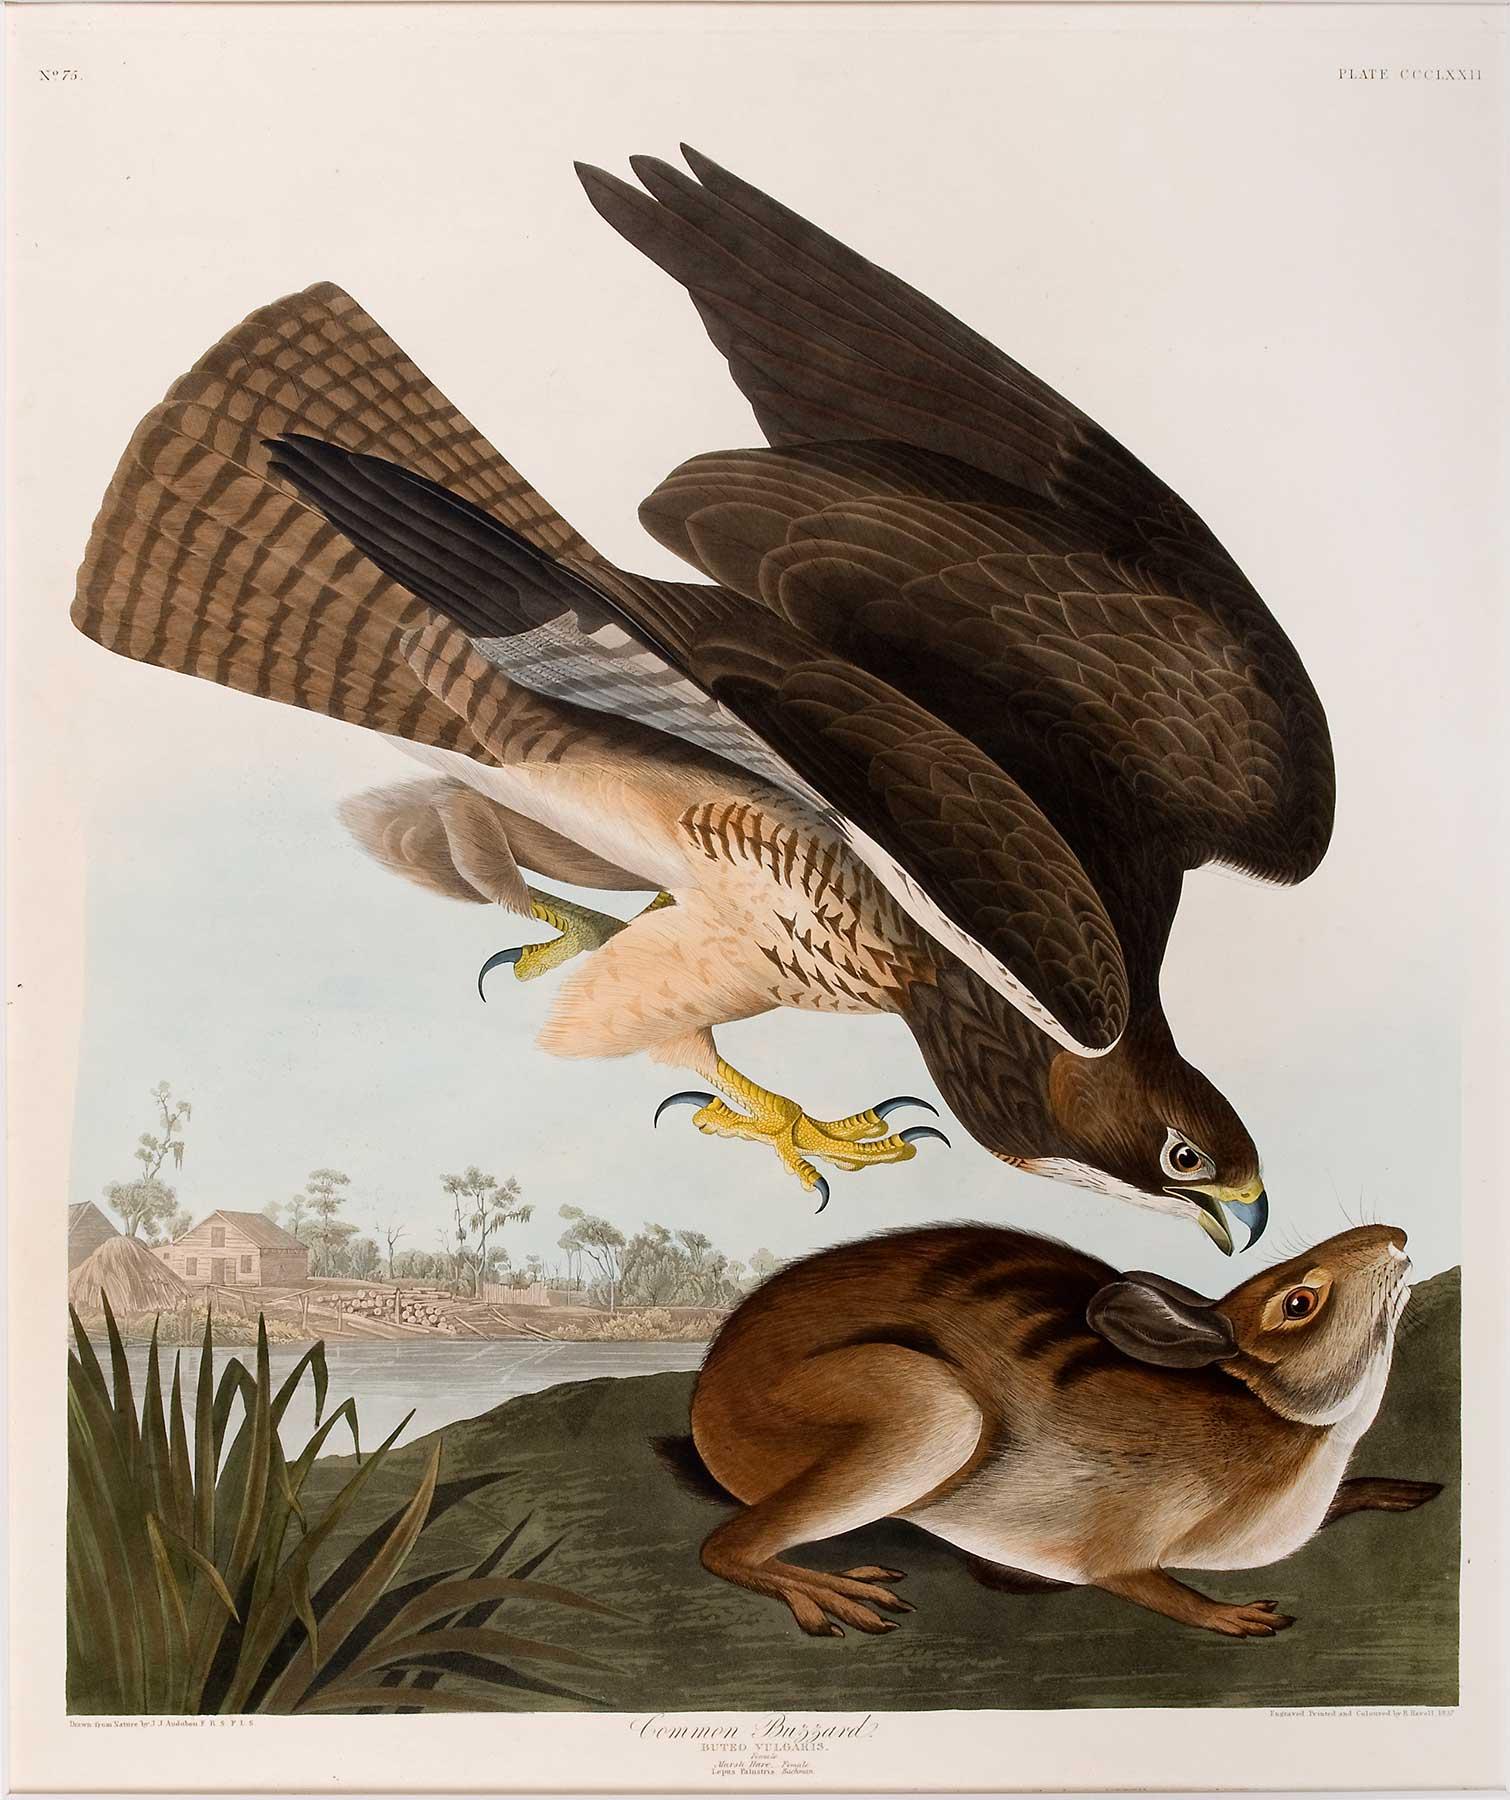 A buzzard descends upon a hare.